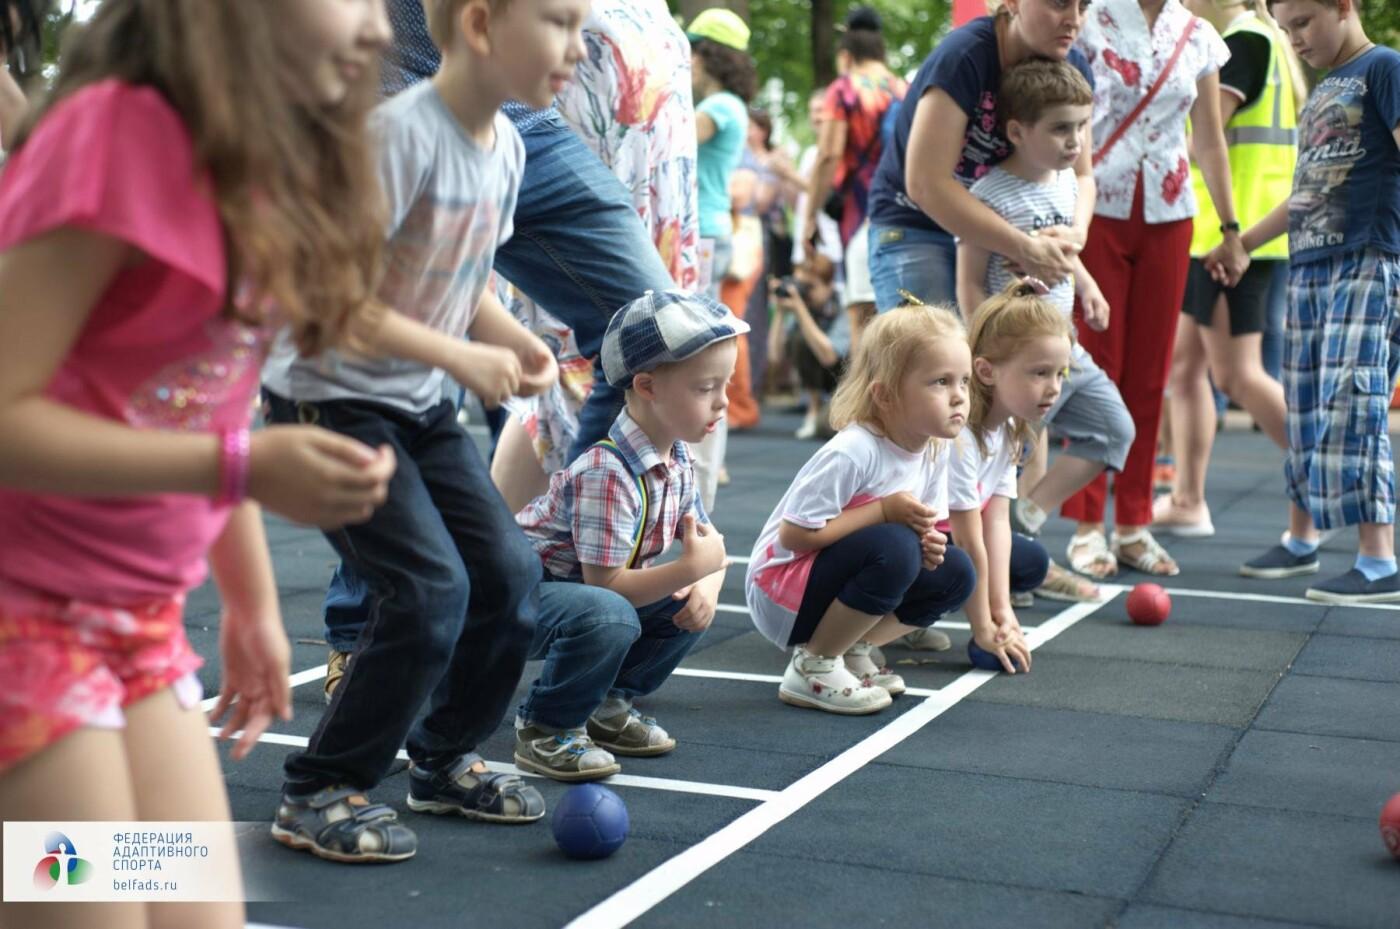 В Белгороде прошёл первый инклюзивный фестиваль «Позвольте мне победить» для детей и подростков с ментальными нарушениями, фото-19